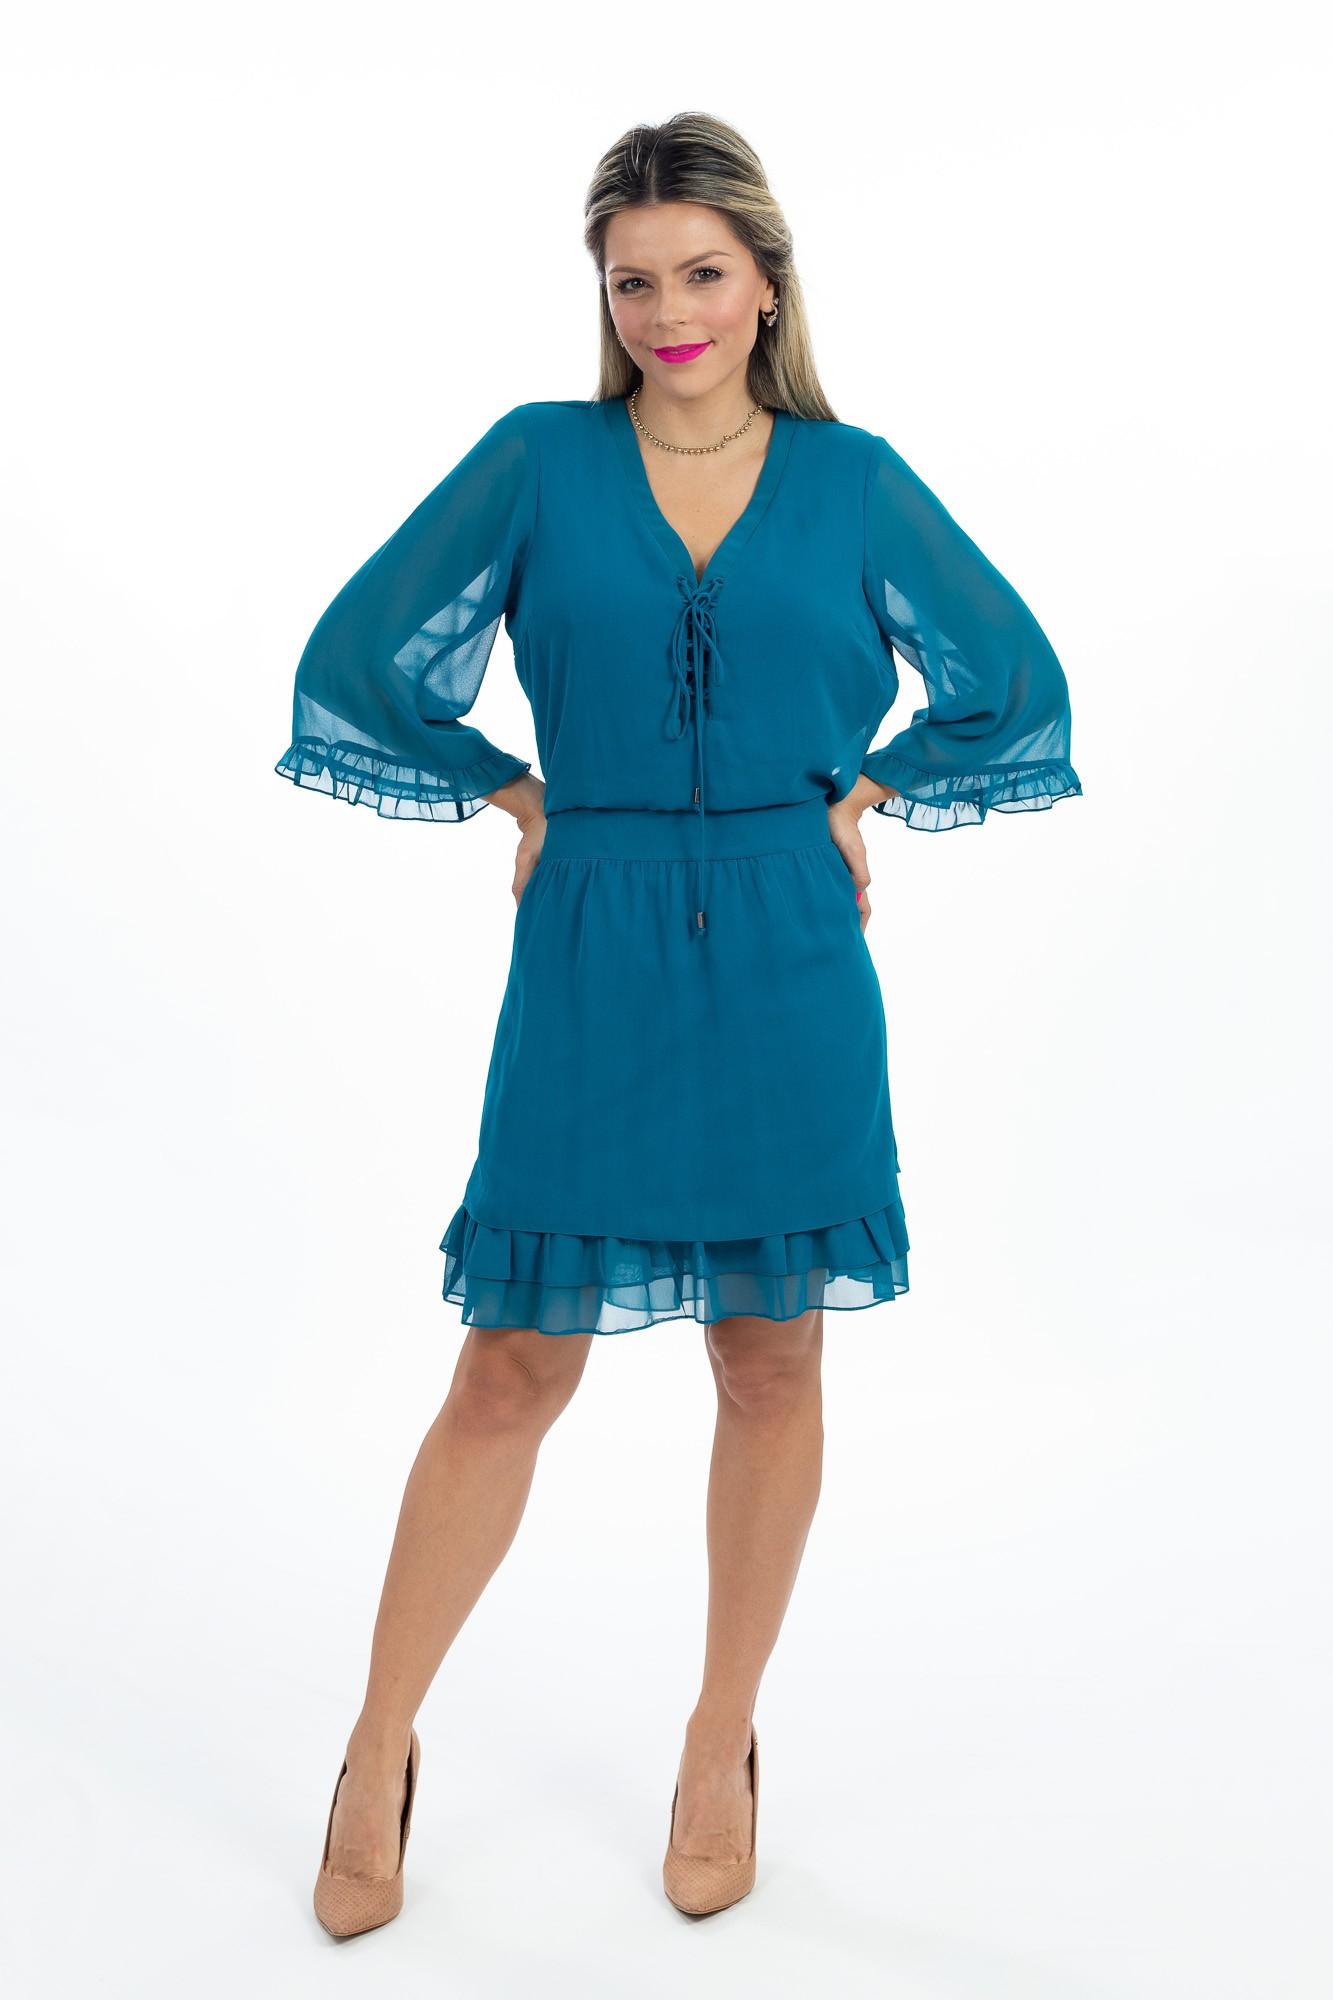 Vestido azul amarração Amissima tam M